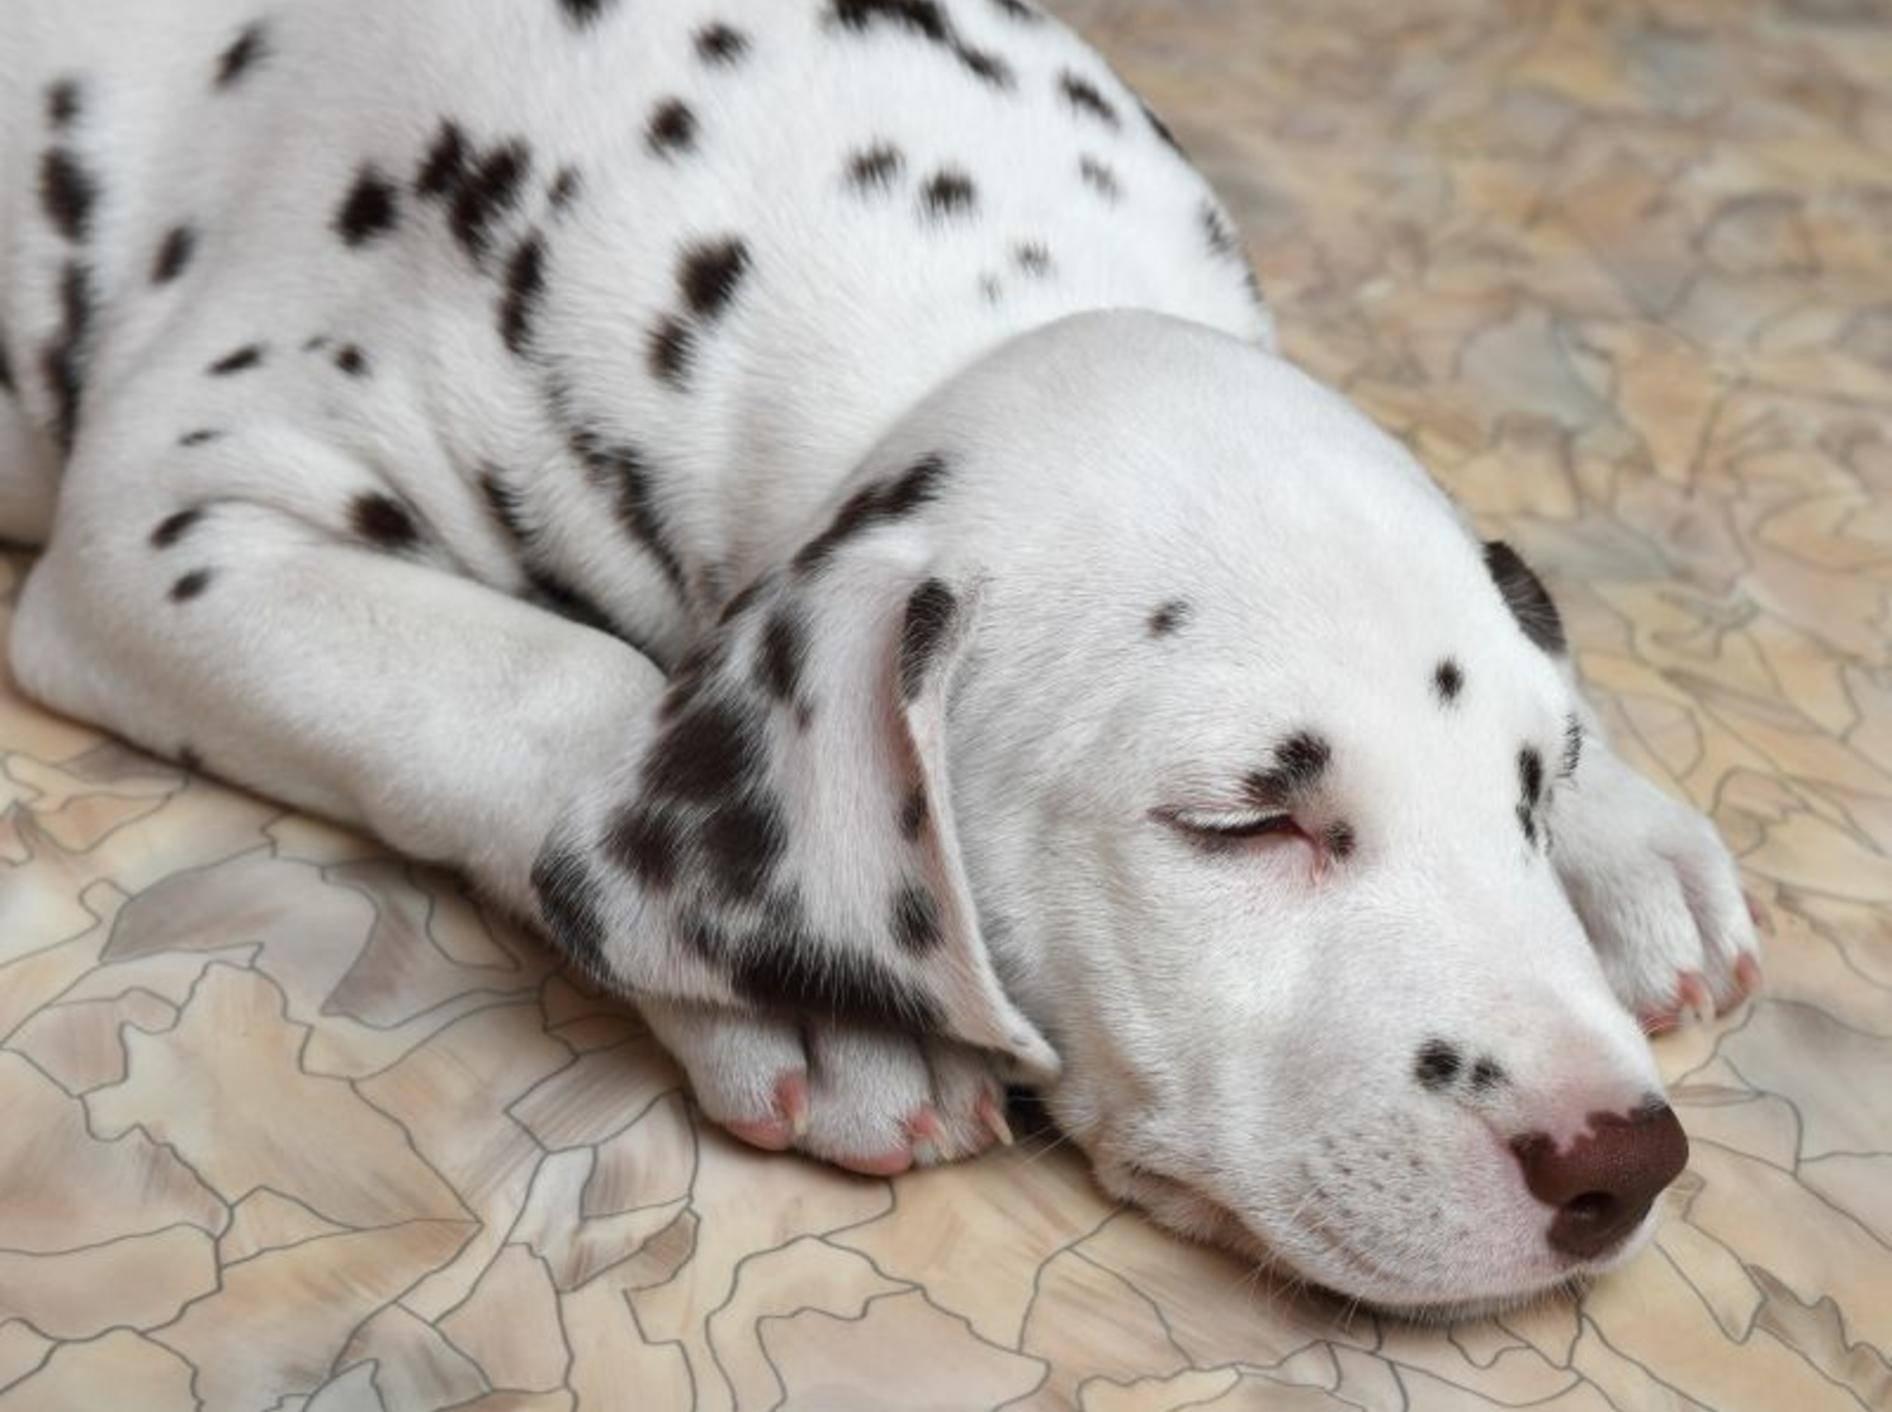 Fieber bei Hunden: Erkrankte Tiere sind müde und abgeschlagen — Bild: Shutterstock / Konjushenko Vladimir